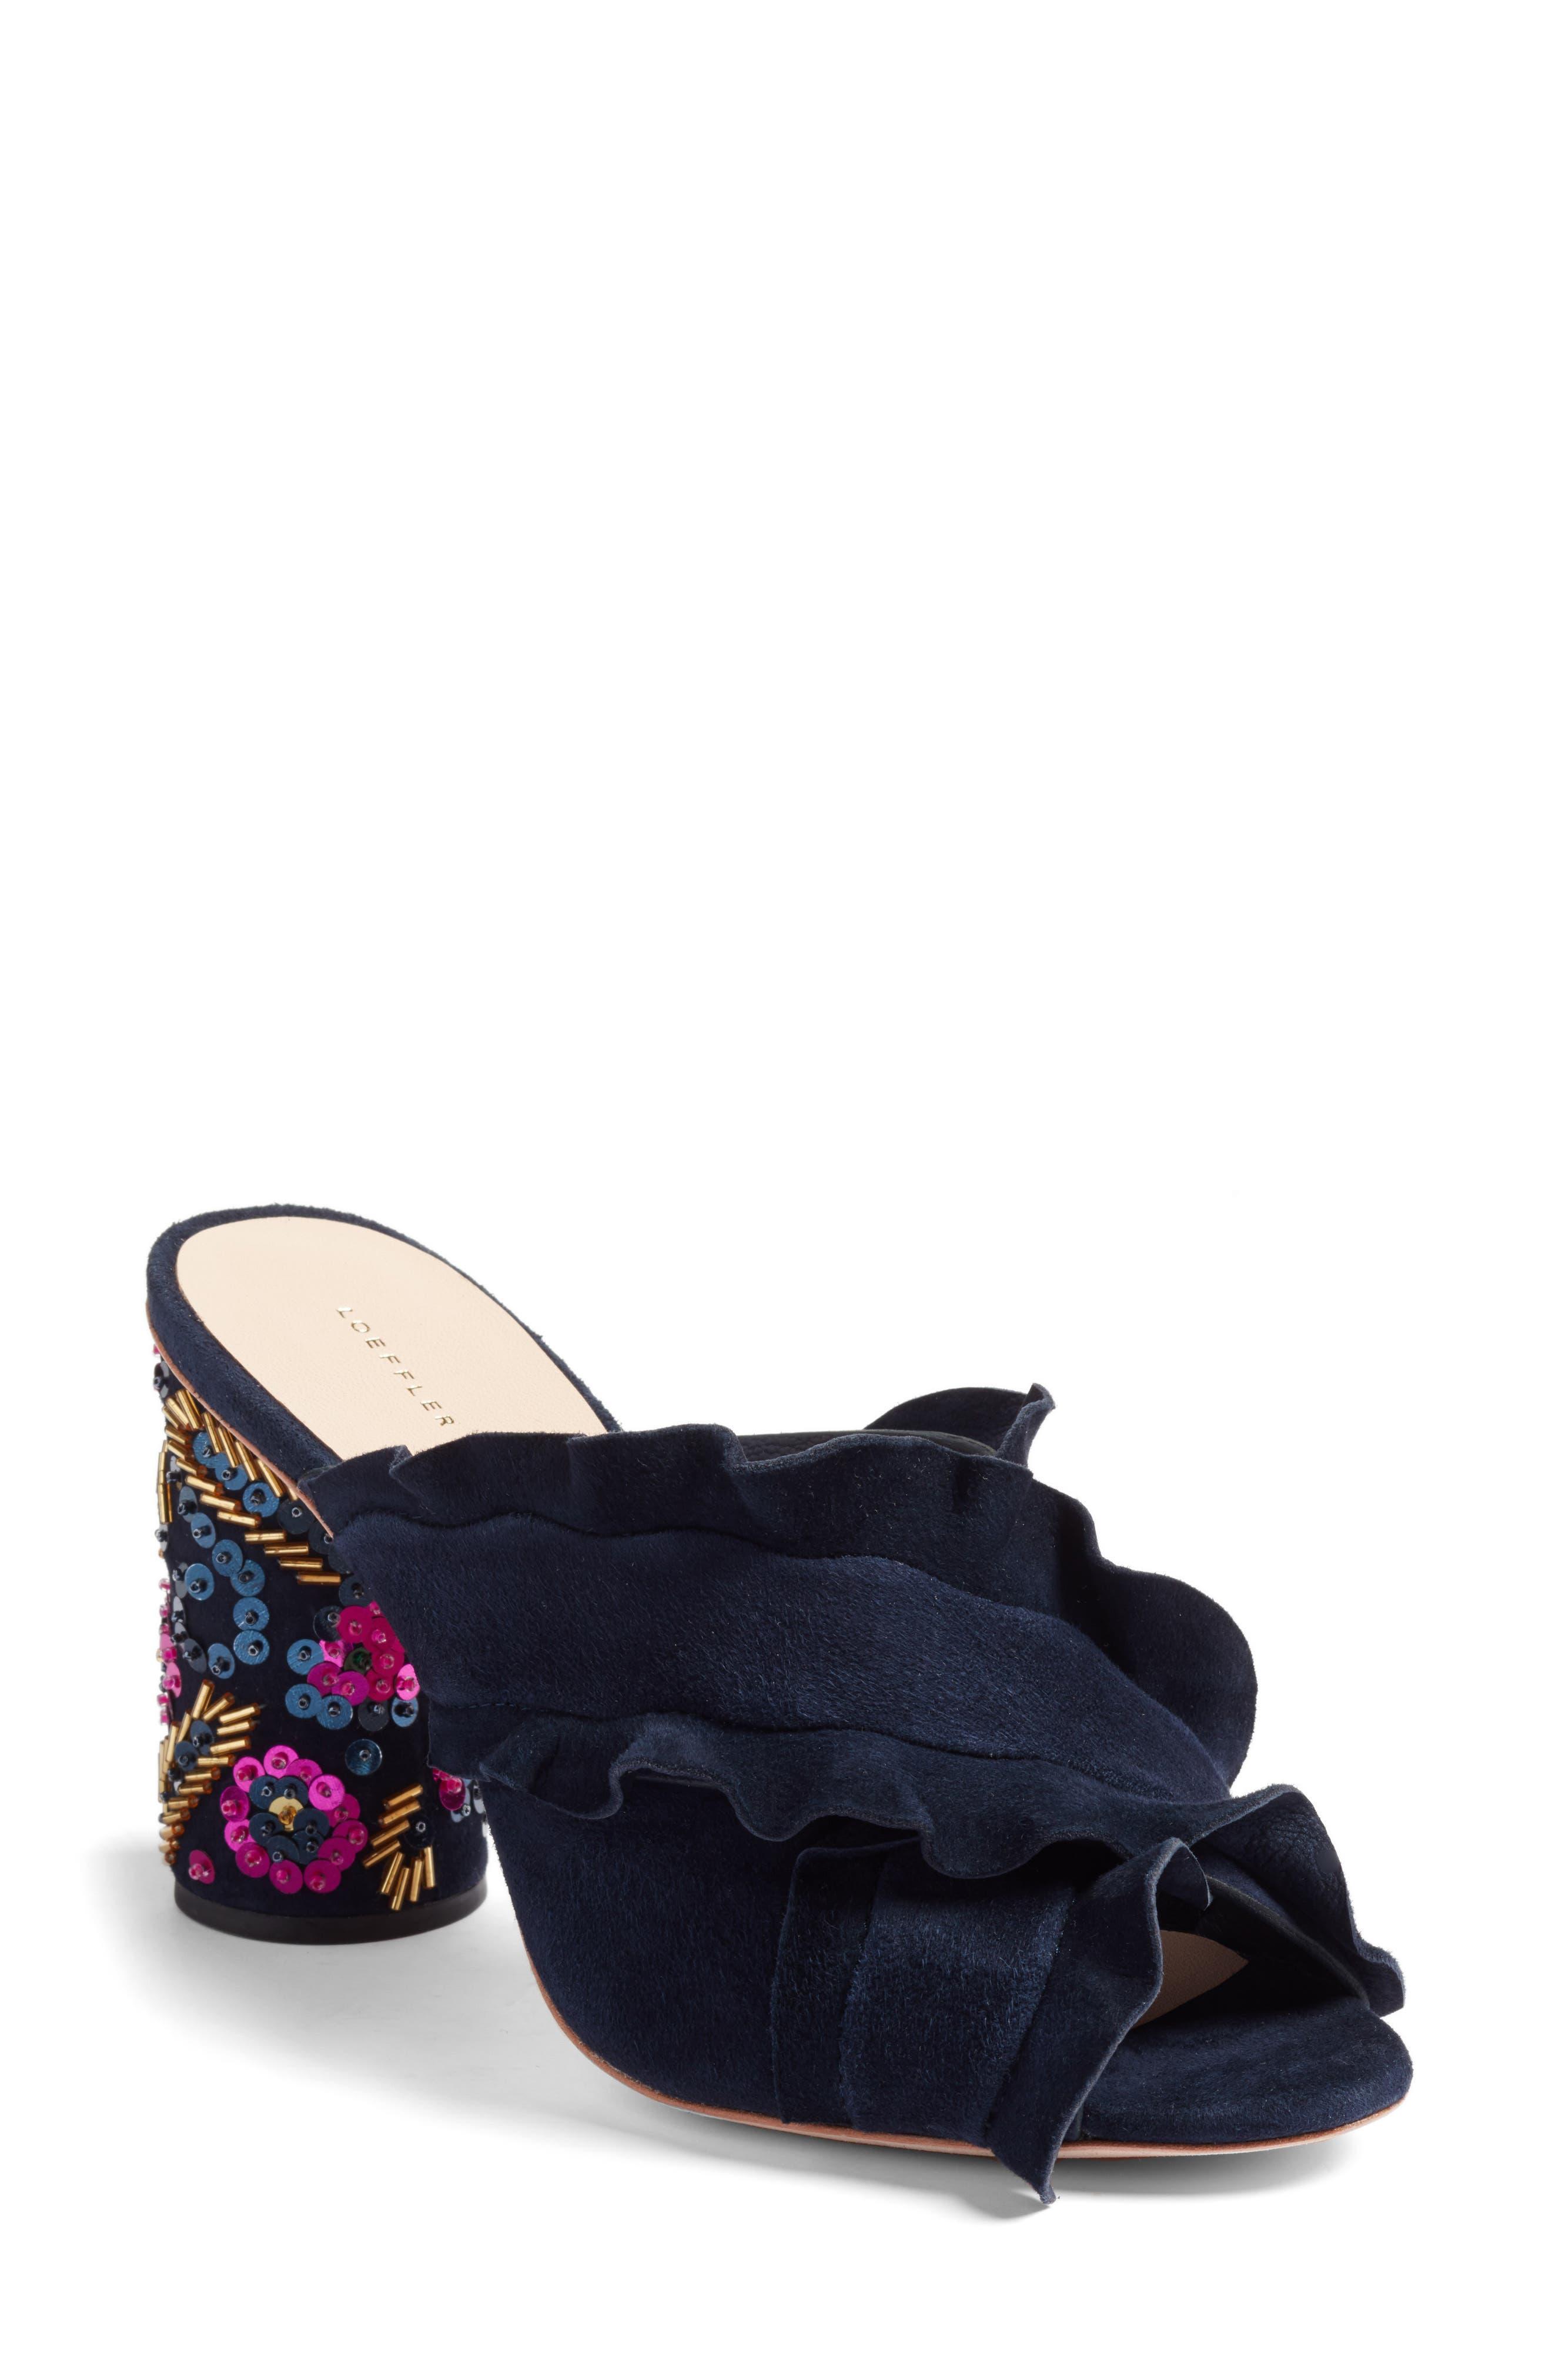 Kaya Embellished Ruffle Slide Sandal,                             Main thumbnail 1, color,                             499